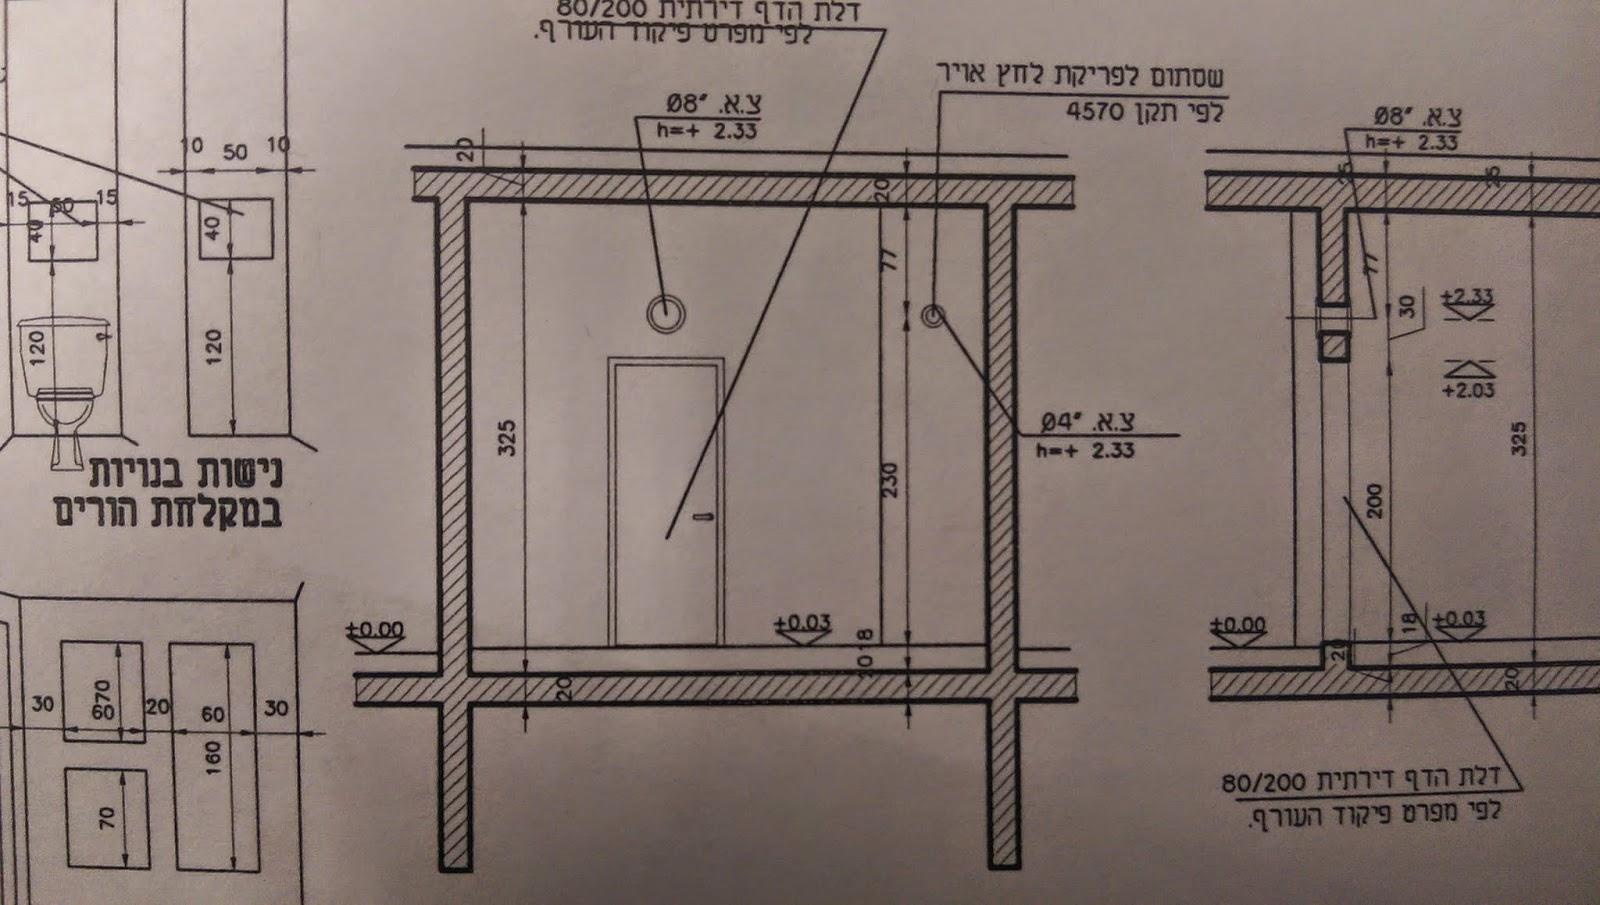 בניית בית פרטי - חתך צד ממד תוכנית אדריכלית